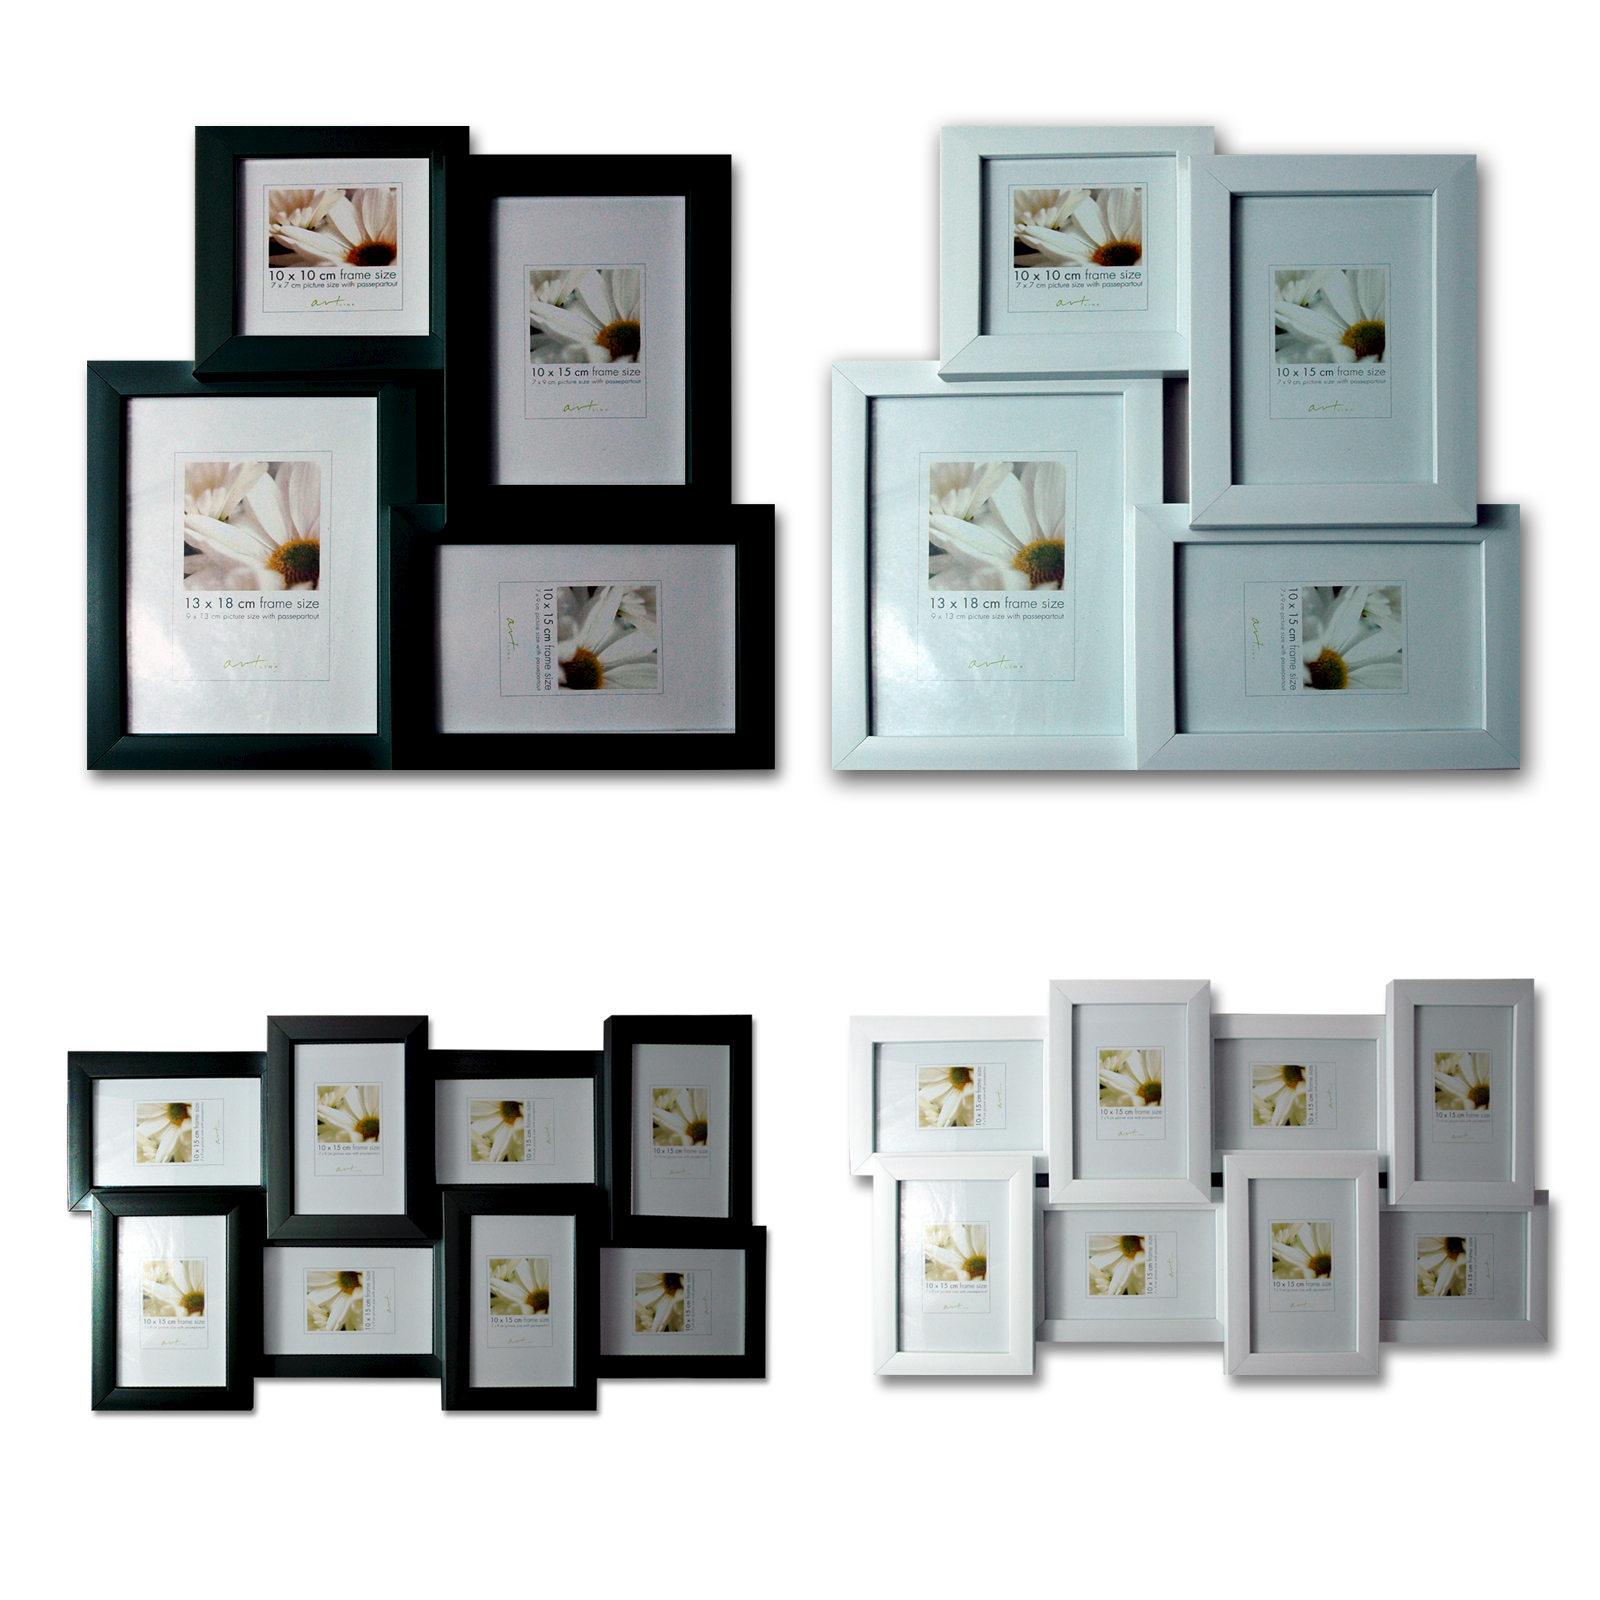 Marco de Galería collagerahmen marco, Múltiples madera para foto | eBay